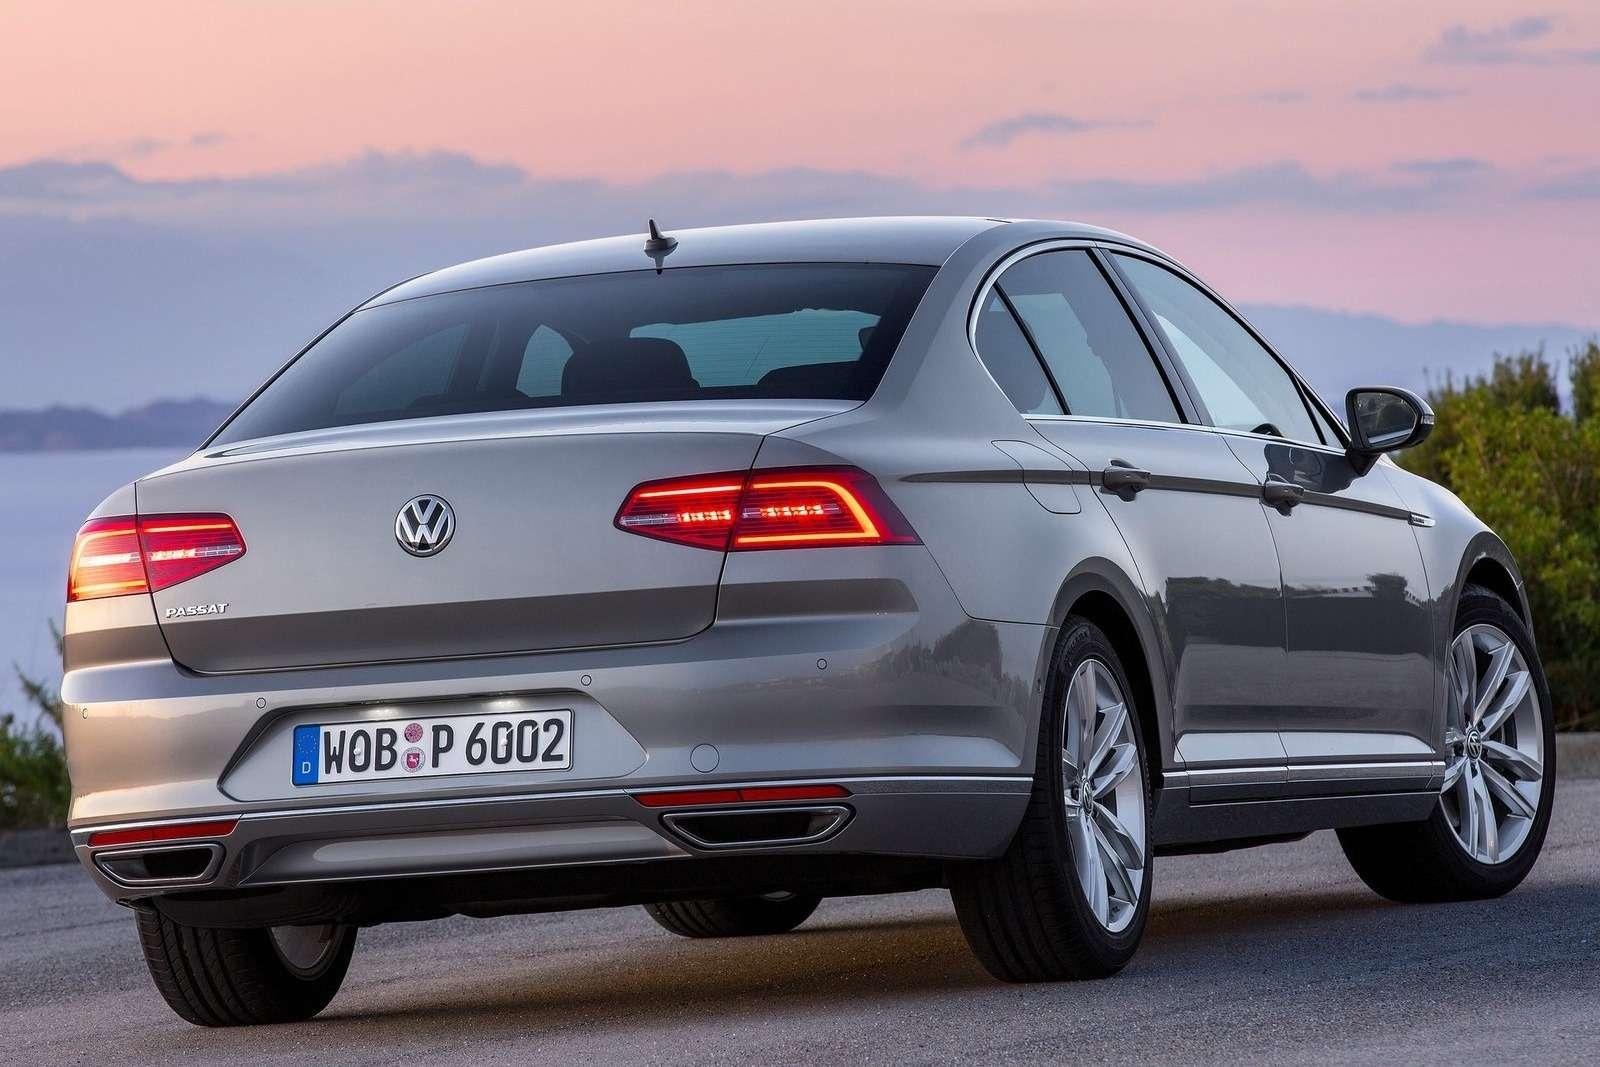 Volkswagen-Passat_2015_1600x1200_wallpaper_13